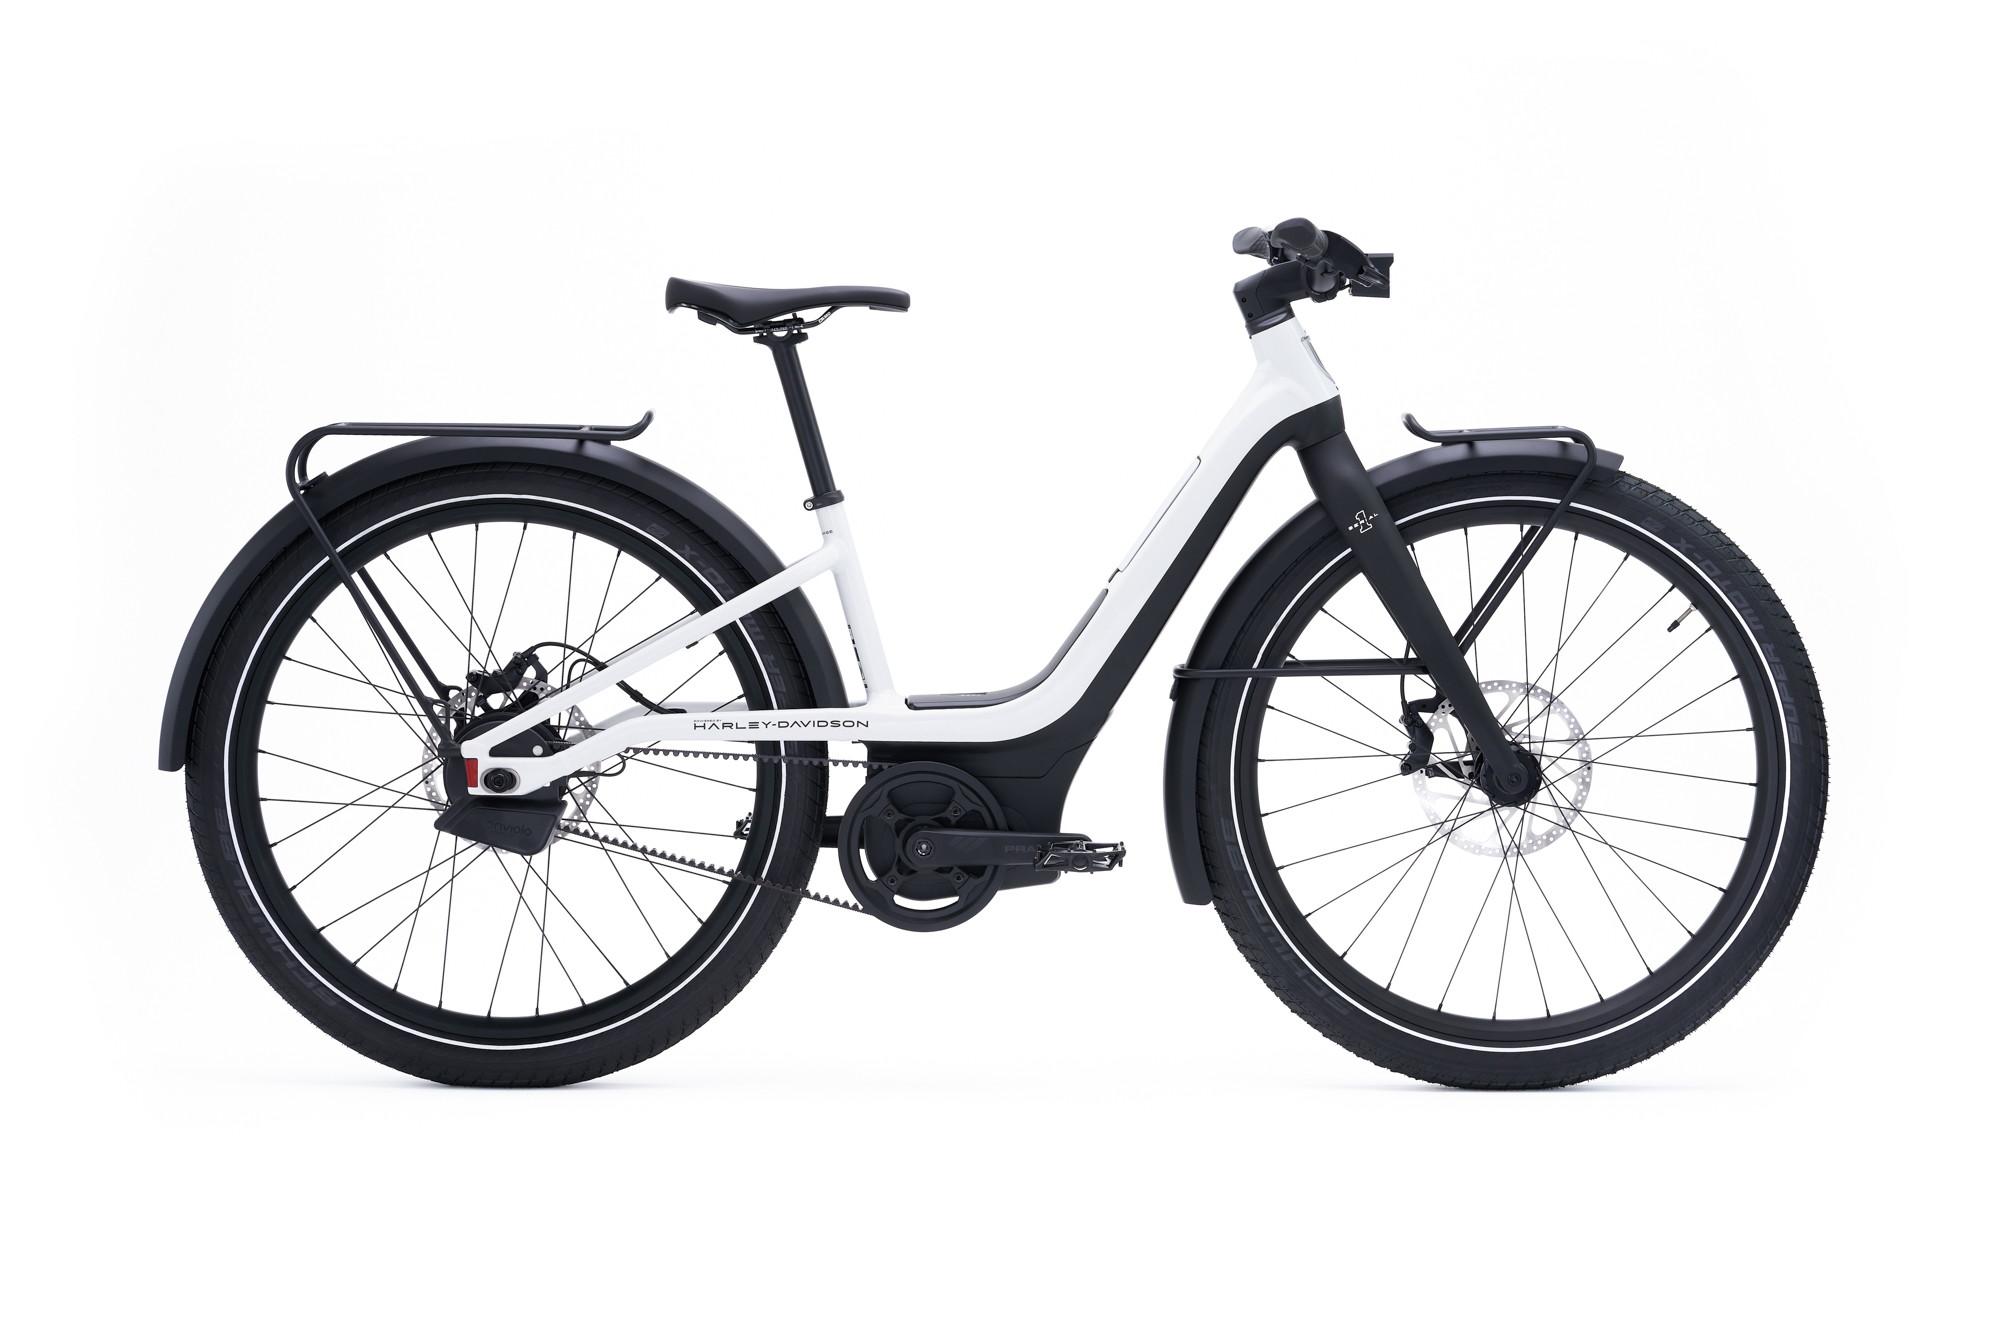 A inizio agosto&nbsp;la&nbsp;gamma di biciclette elettriche Serial 1&nbsp;Cycle Company&nbsp;- il marchio e-bike creato in collaborazione con il produttore americano di motociclette&nbsp;Harley-Davidson, Inc. - &egrave; sbarcata nelle concessionarie di motociclette italiane con tre modelli di e-bike:&nbsp;MOSH/CTY, RUSH/CTY e RUSH/CTY Step-Thru,&nbsp;mezzi di alta qualit&agrave;, che si distinguono per il loro design intelligente e funzionale e per l&rsquo;avanzata tecnologia, proponendosi come soluzione perfetta sia per gli spostamenti urbani sia per il tempo libero.<br /><br />